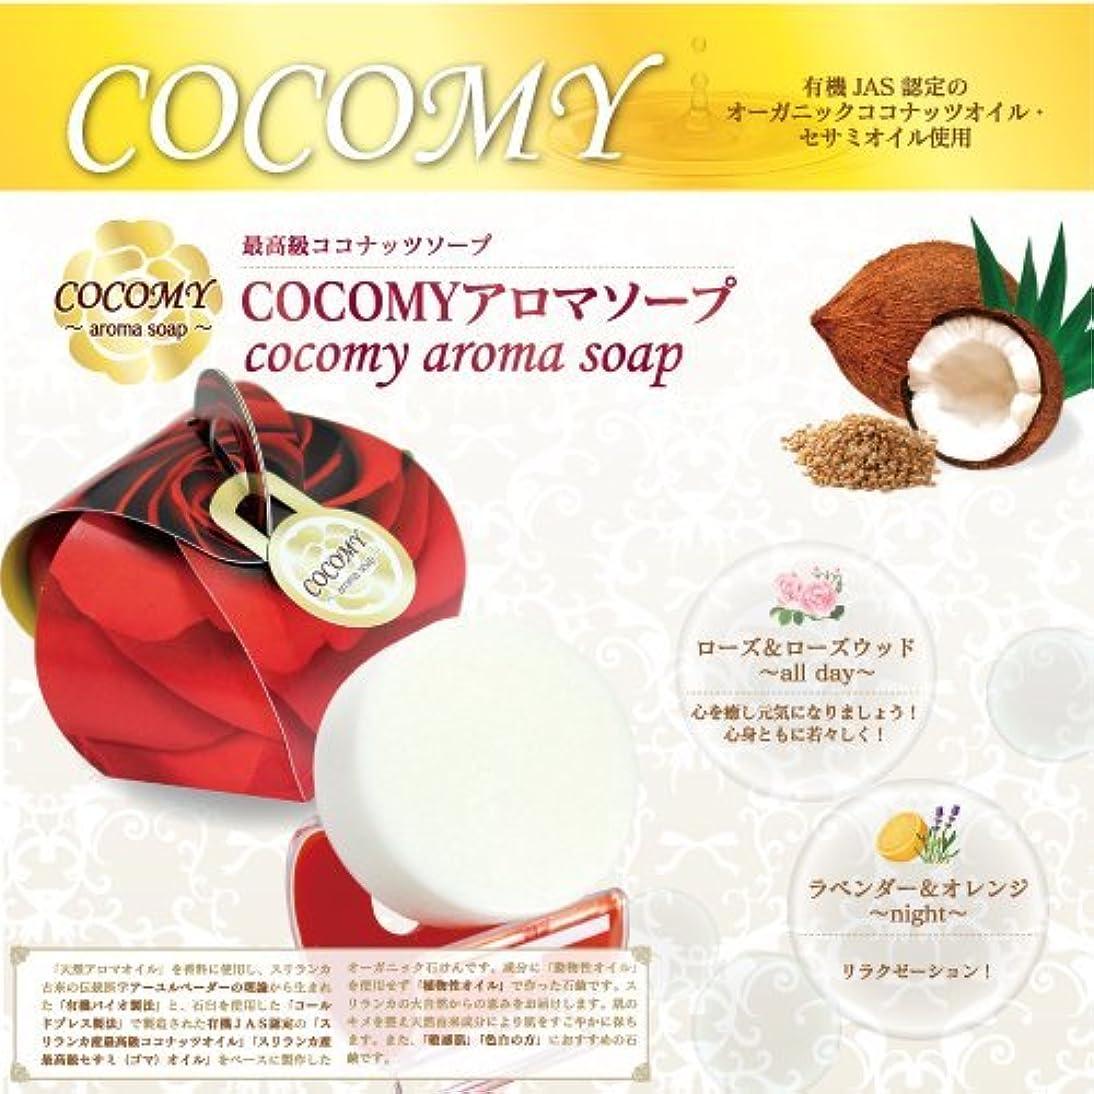 控えめな施設足首COCOMY aromaソープ 4個セット (ラベンダー&オレンジ)(ローズ&ローズウッド) 40g×各2